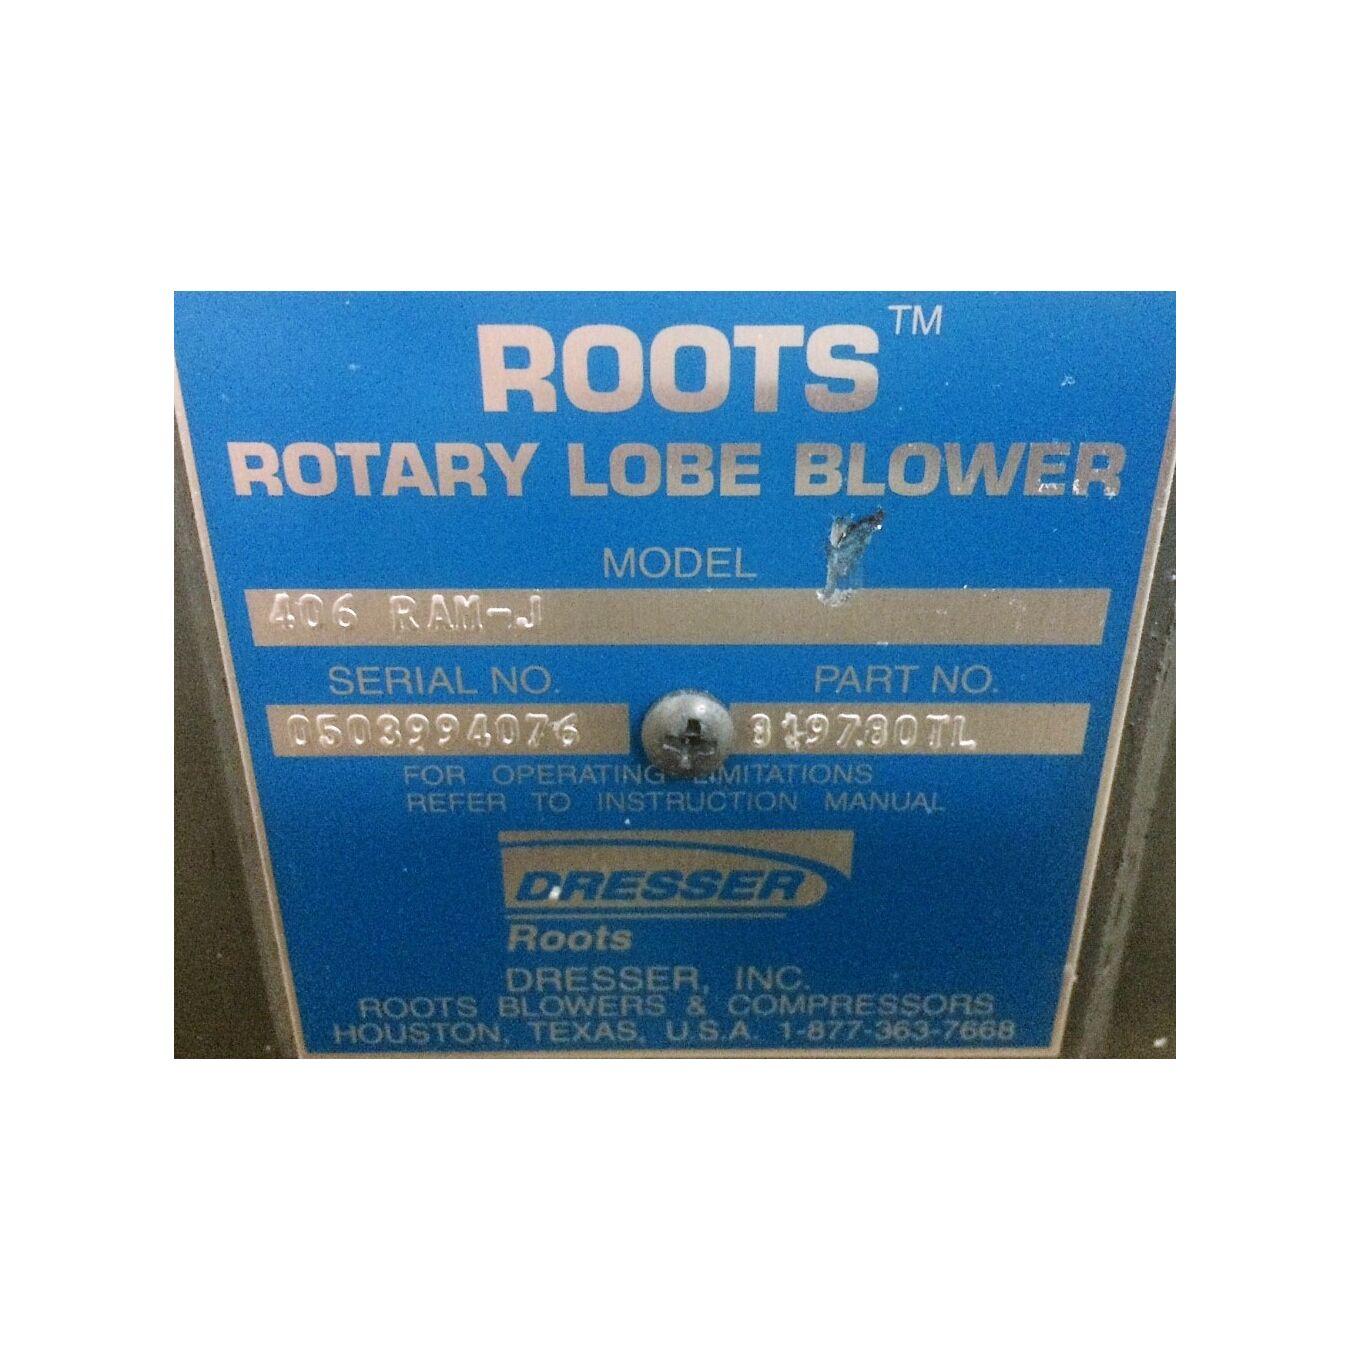 Roots Dresser Rotary Lobe Er 406 Ram J Unused